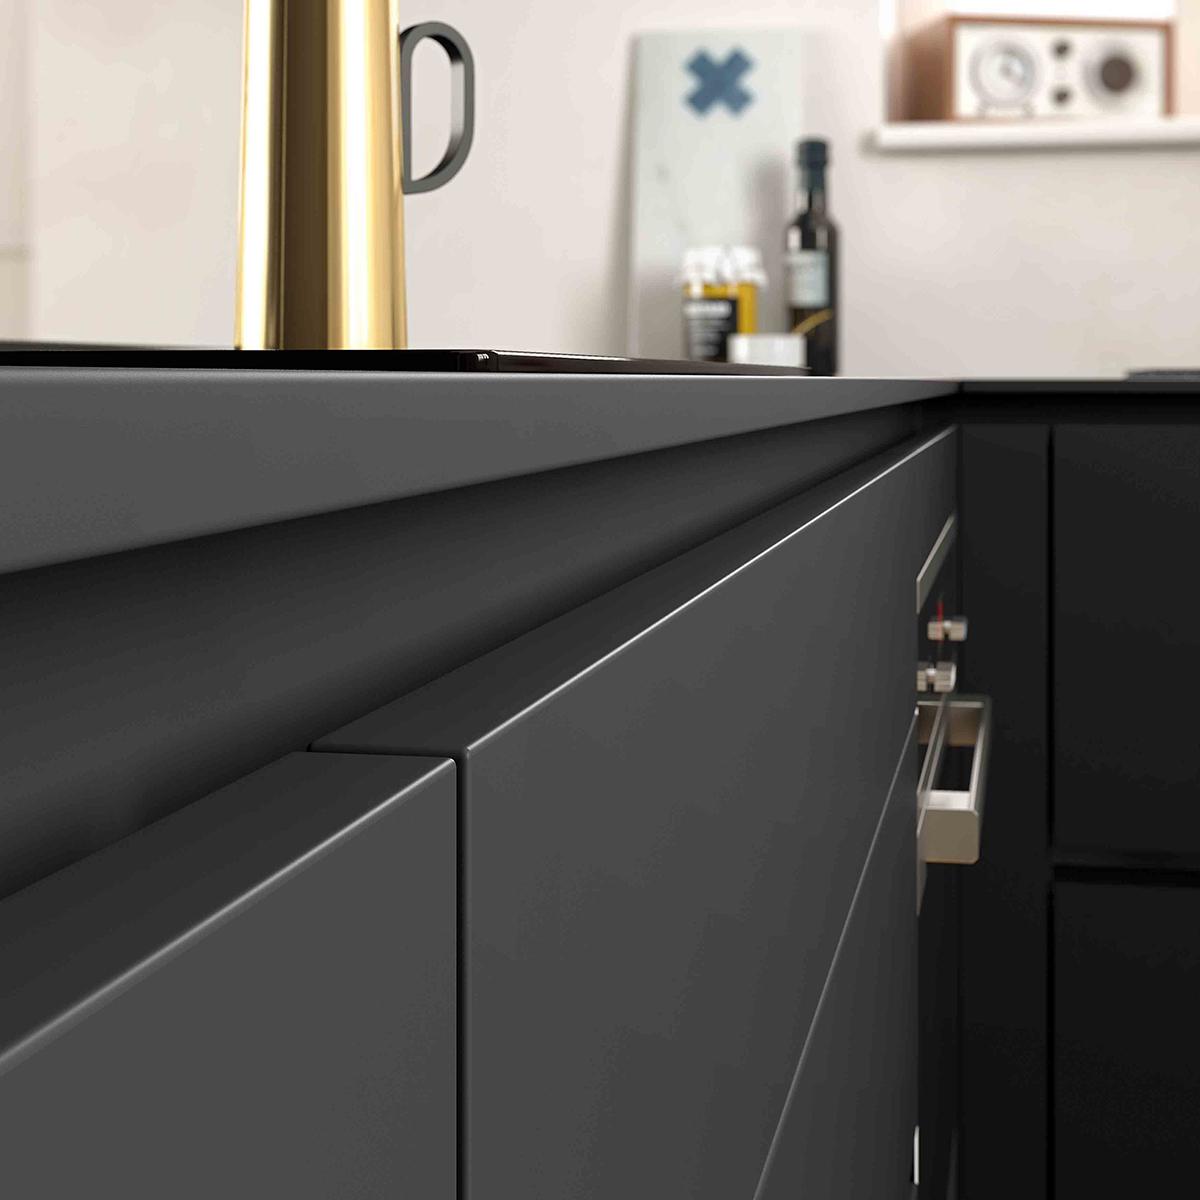 Une cuisine élégante avec des meubles sans poignée  #Cuisine